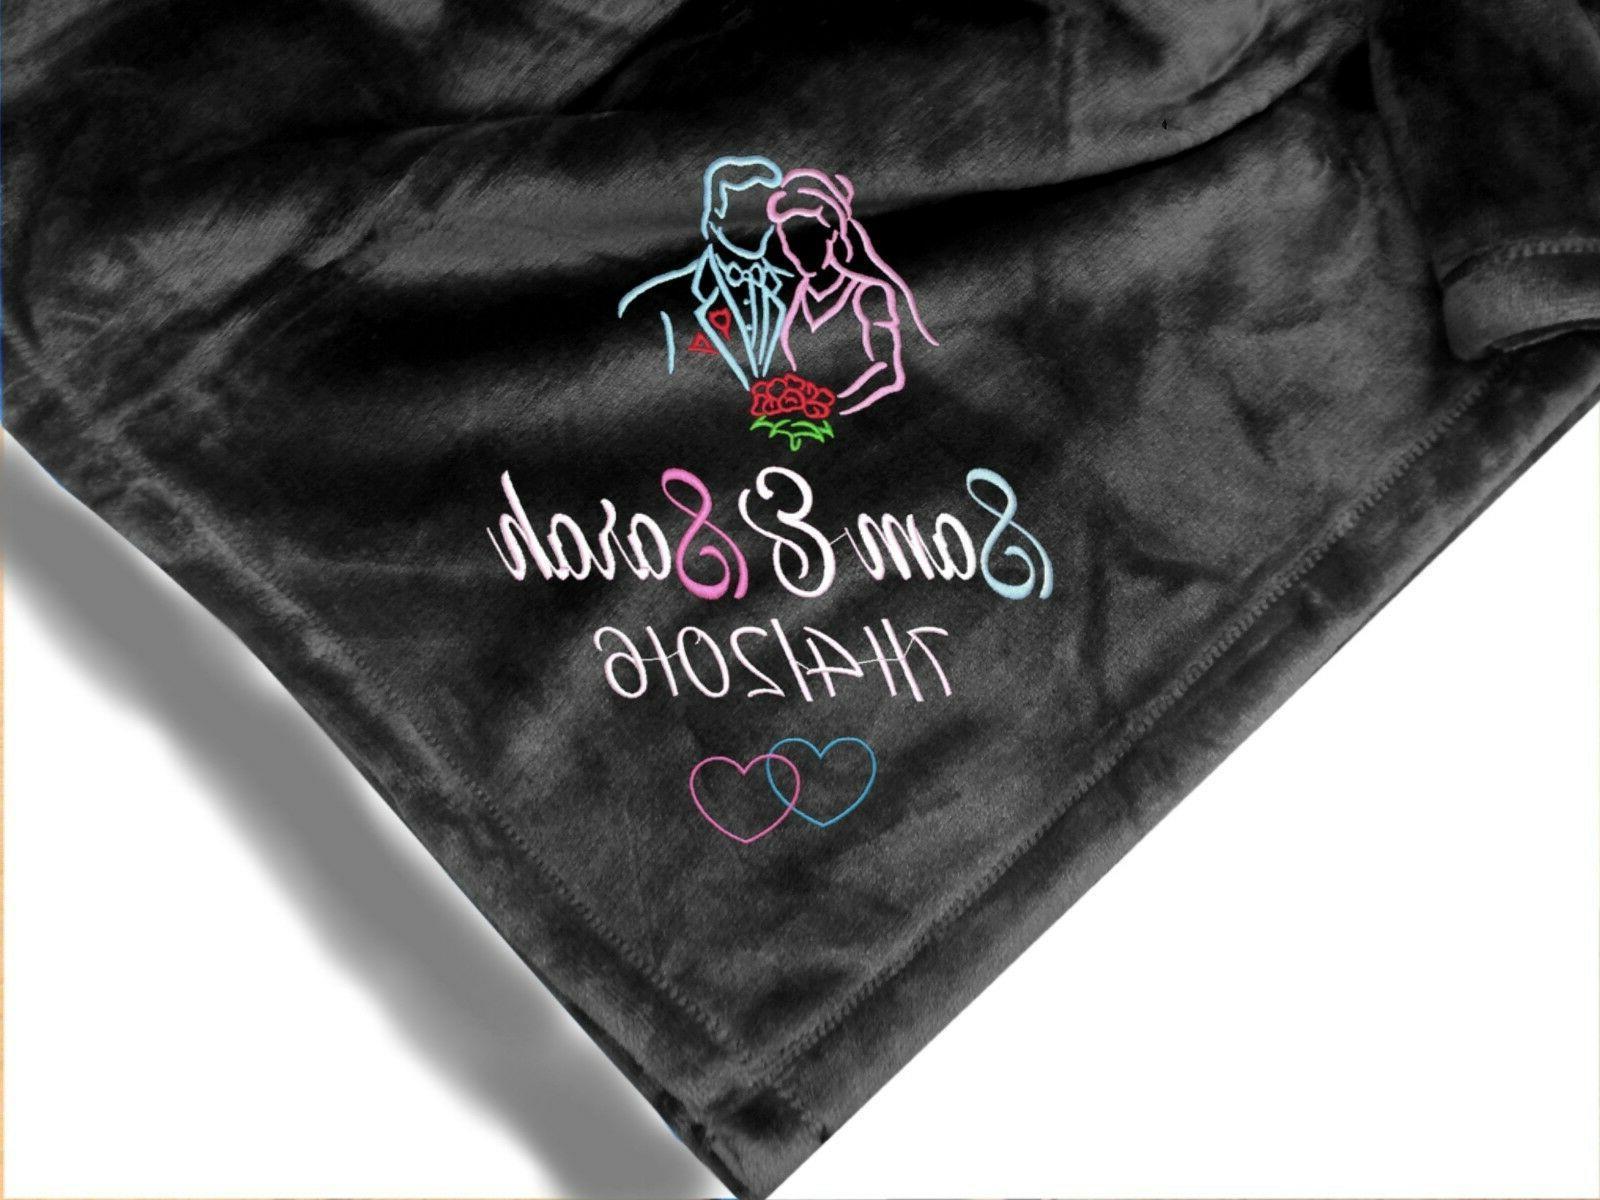 Personalized Blanket w/ Theme